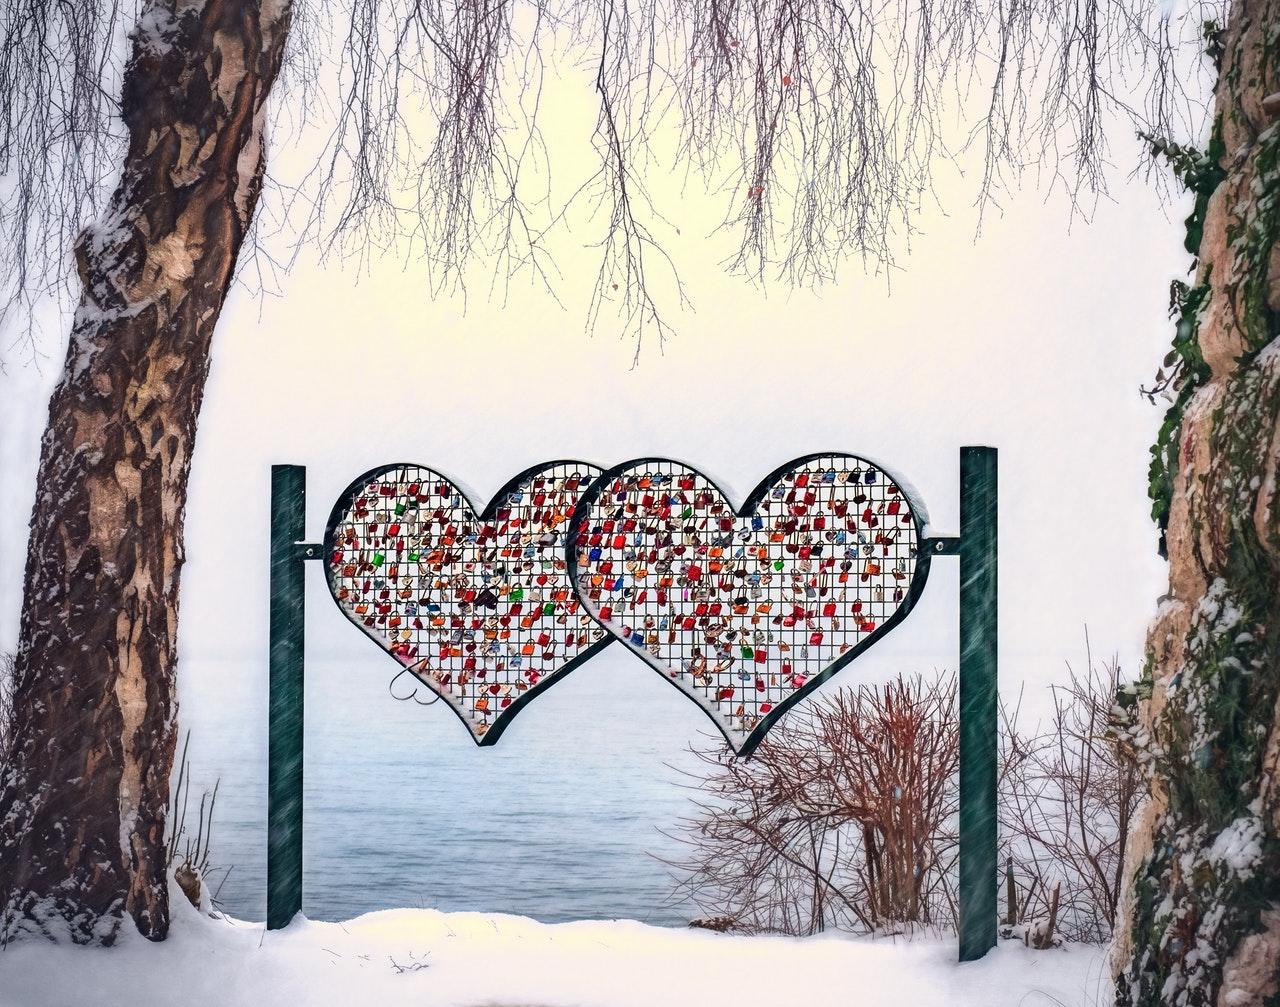 fence shaped like two hearts